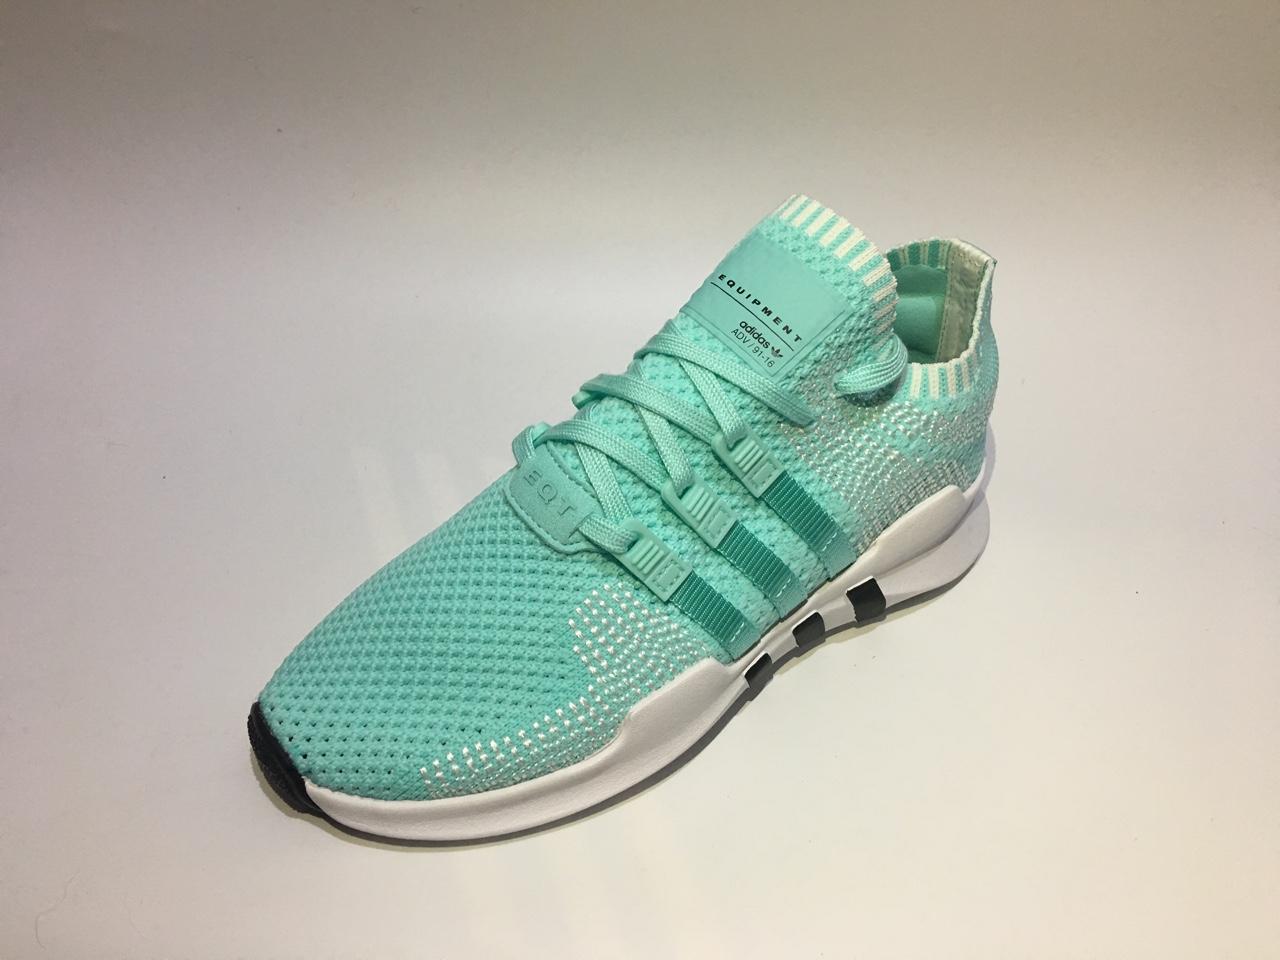 出阿迪三叶草高端EQT系列女款运动潮鞋,全新专柜正品低价出 商情交易